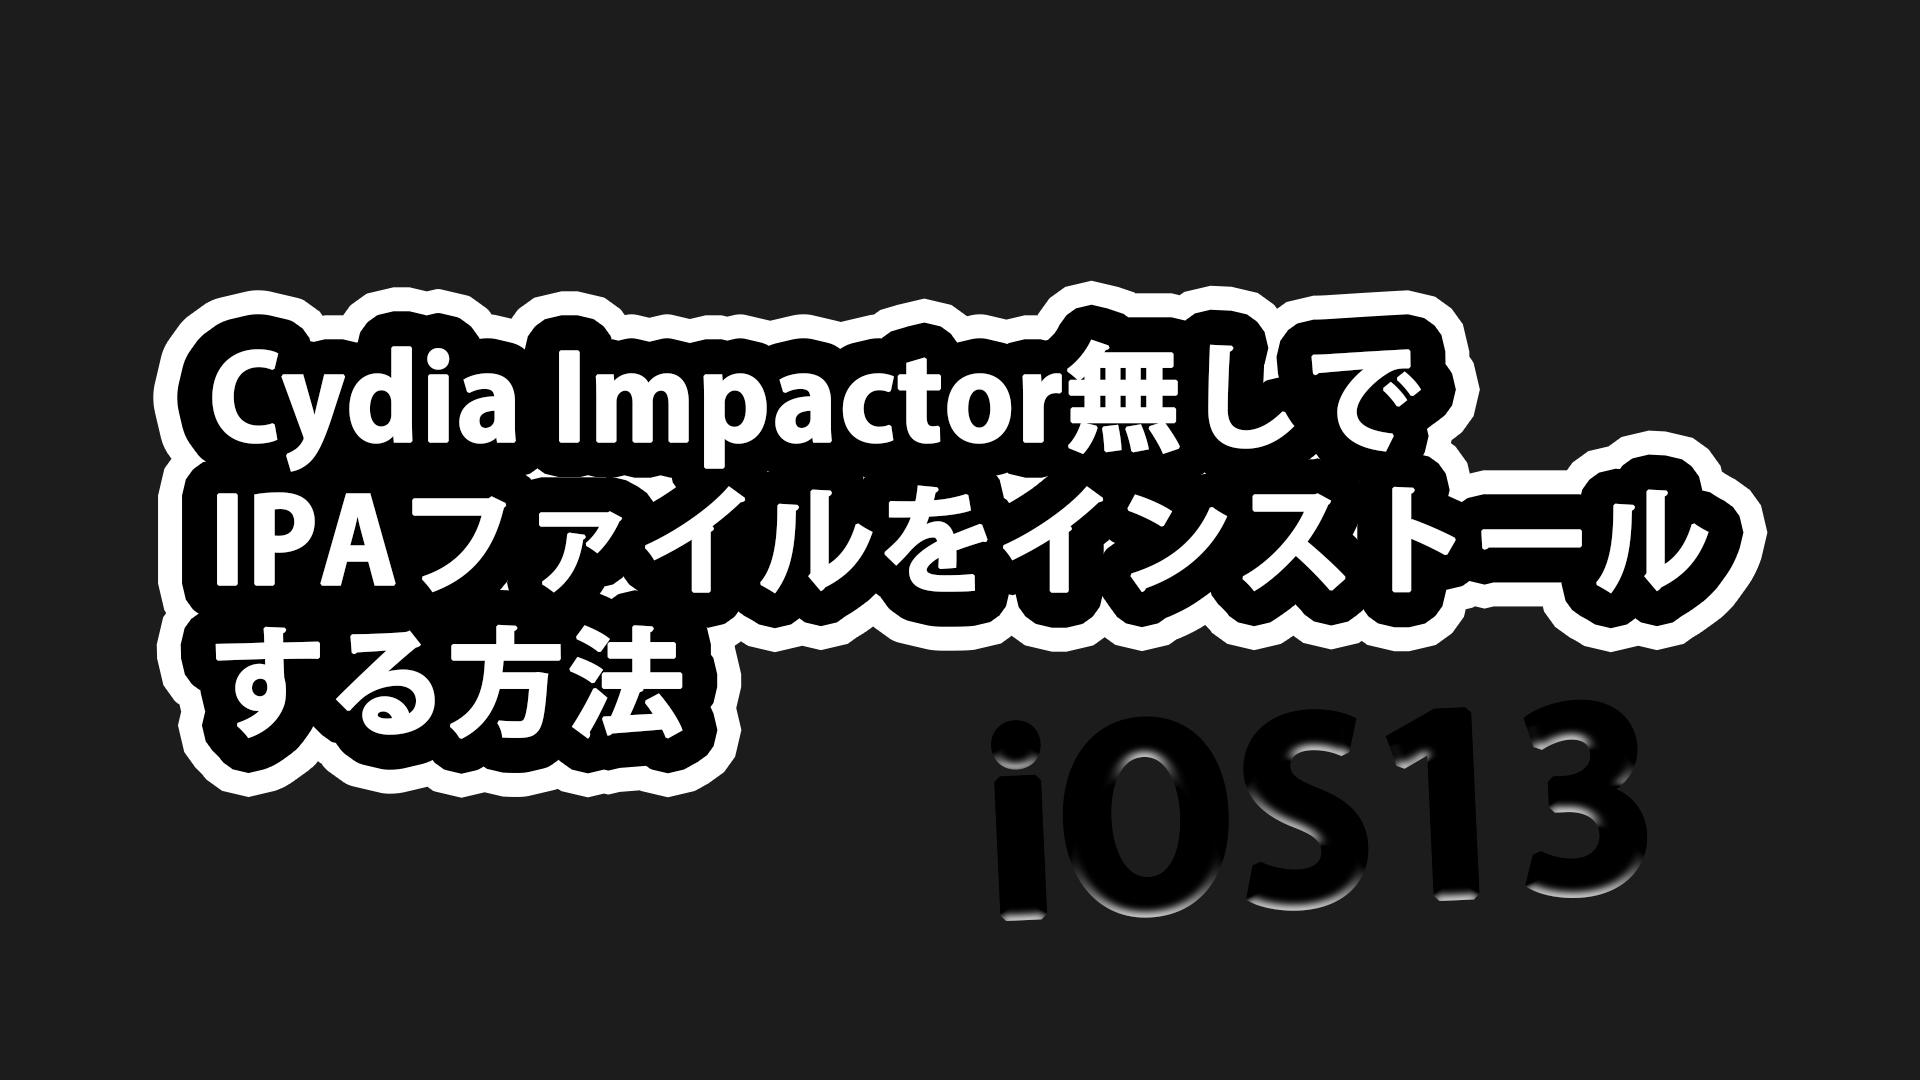 imppppppppp - 【iOS13対応】Cydia Impactorの代わりを発見!! Youtube++などのiPAファイルを入れる方法